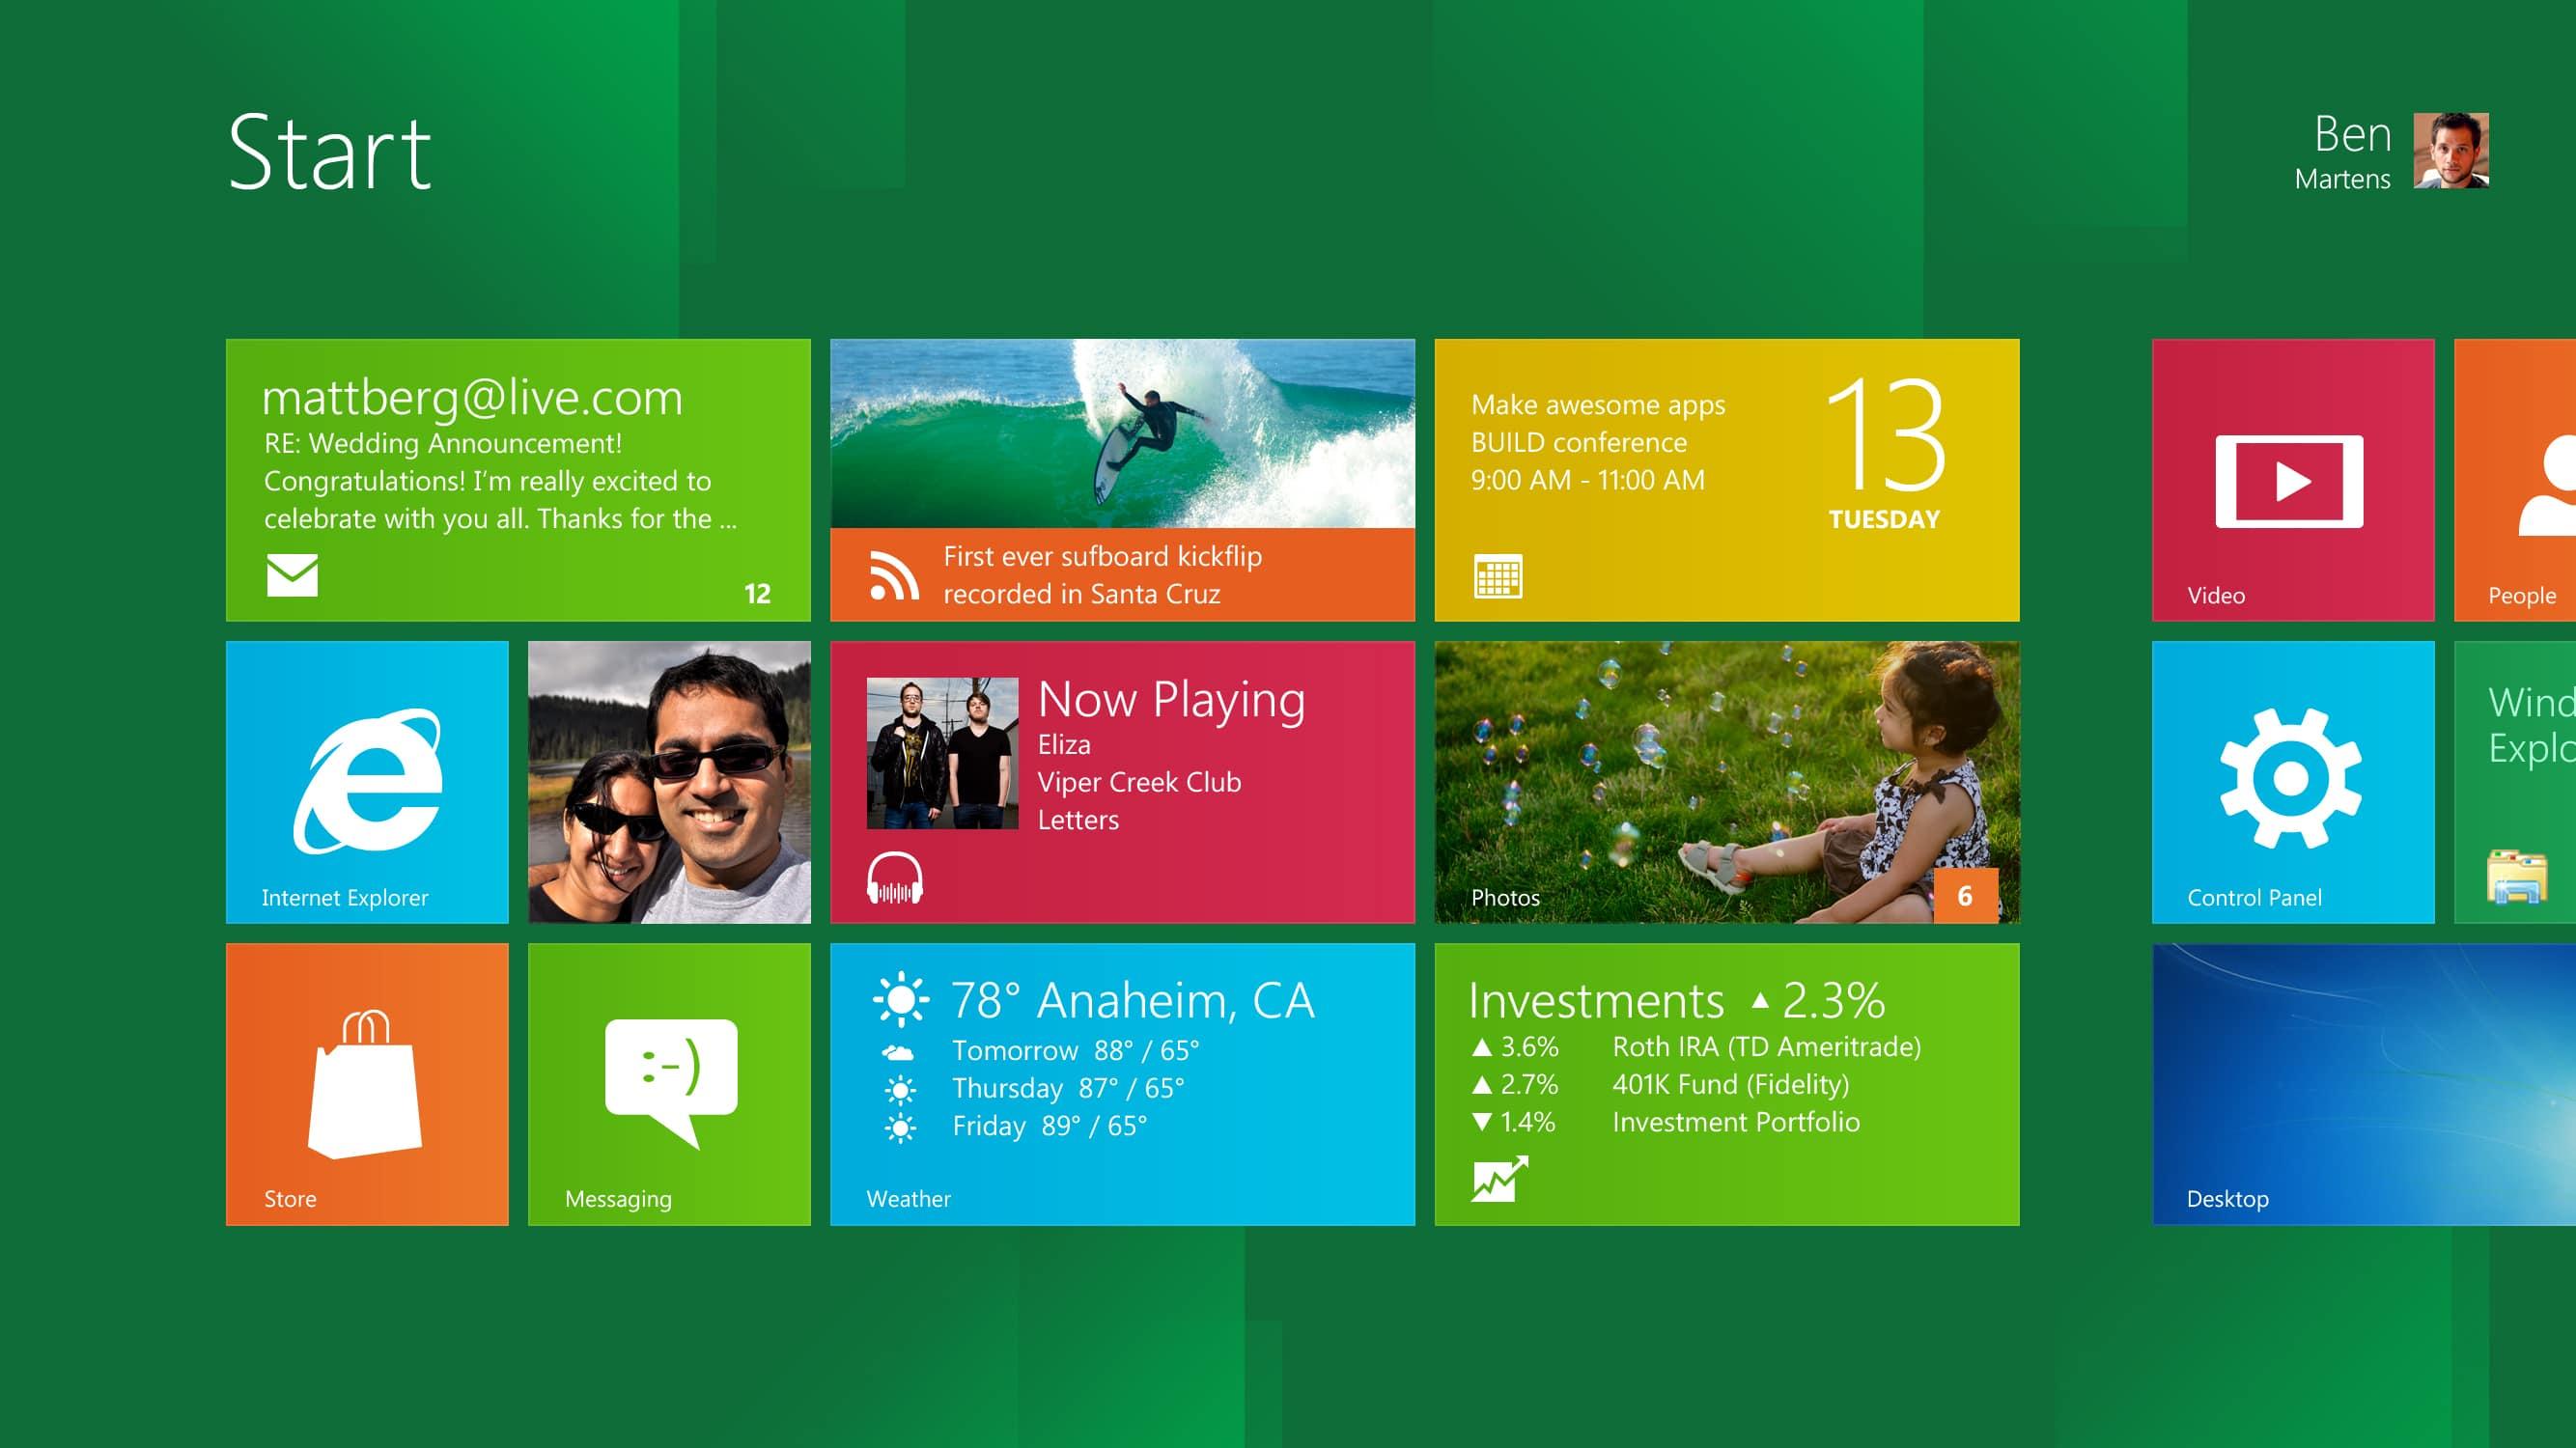 Windows 8 - Скриншот начальной страницы